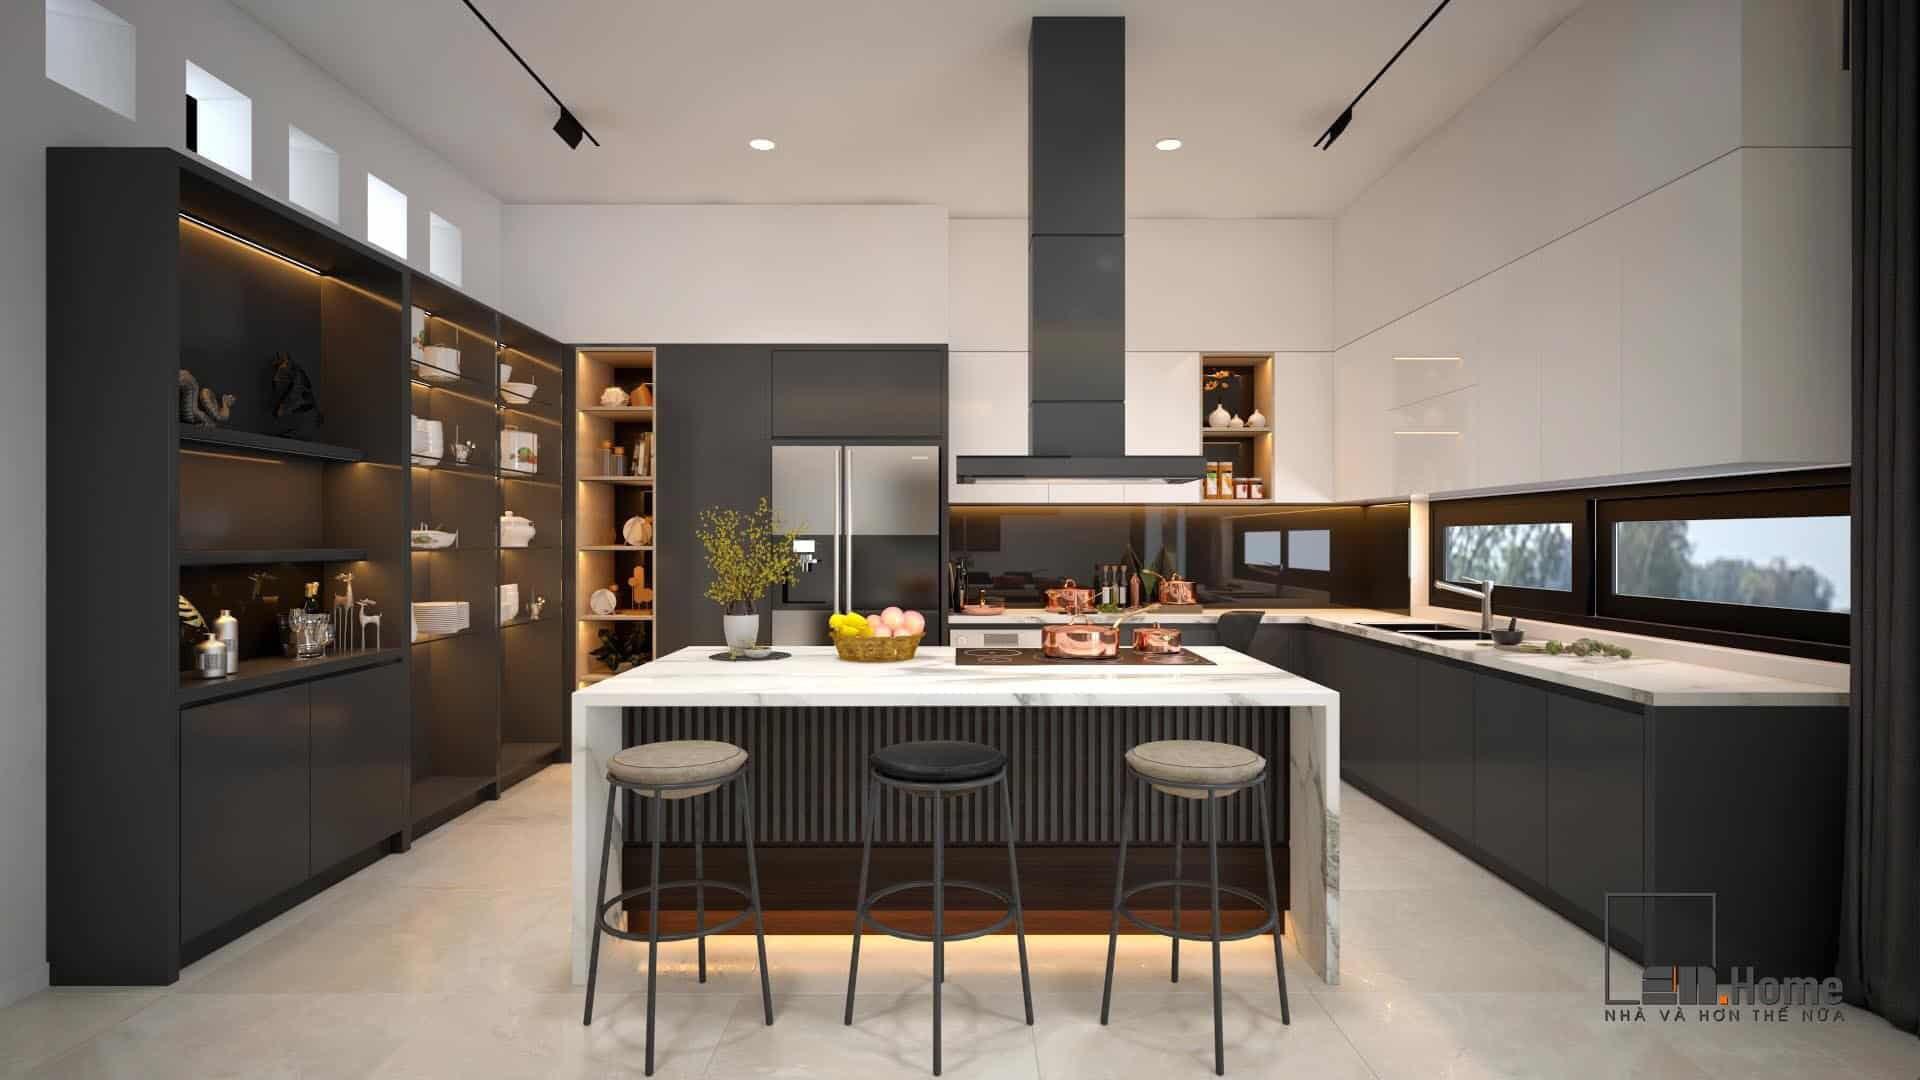 Đá nhân tạo trong thiết kế nhà bếp hiện đại